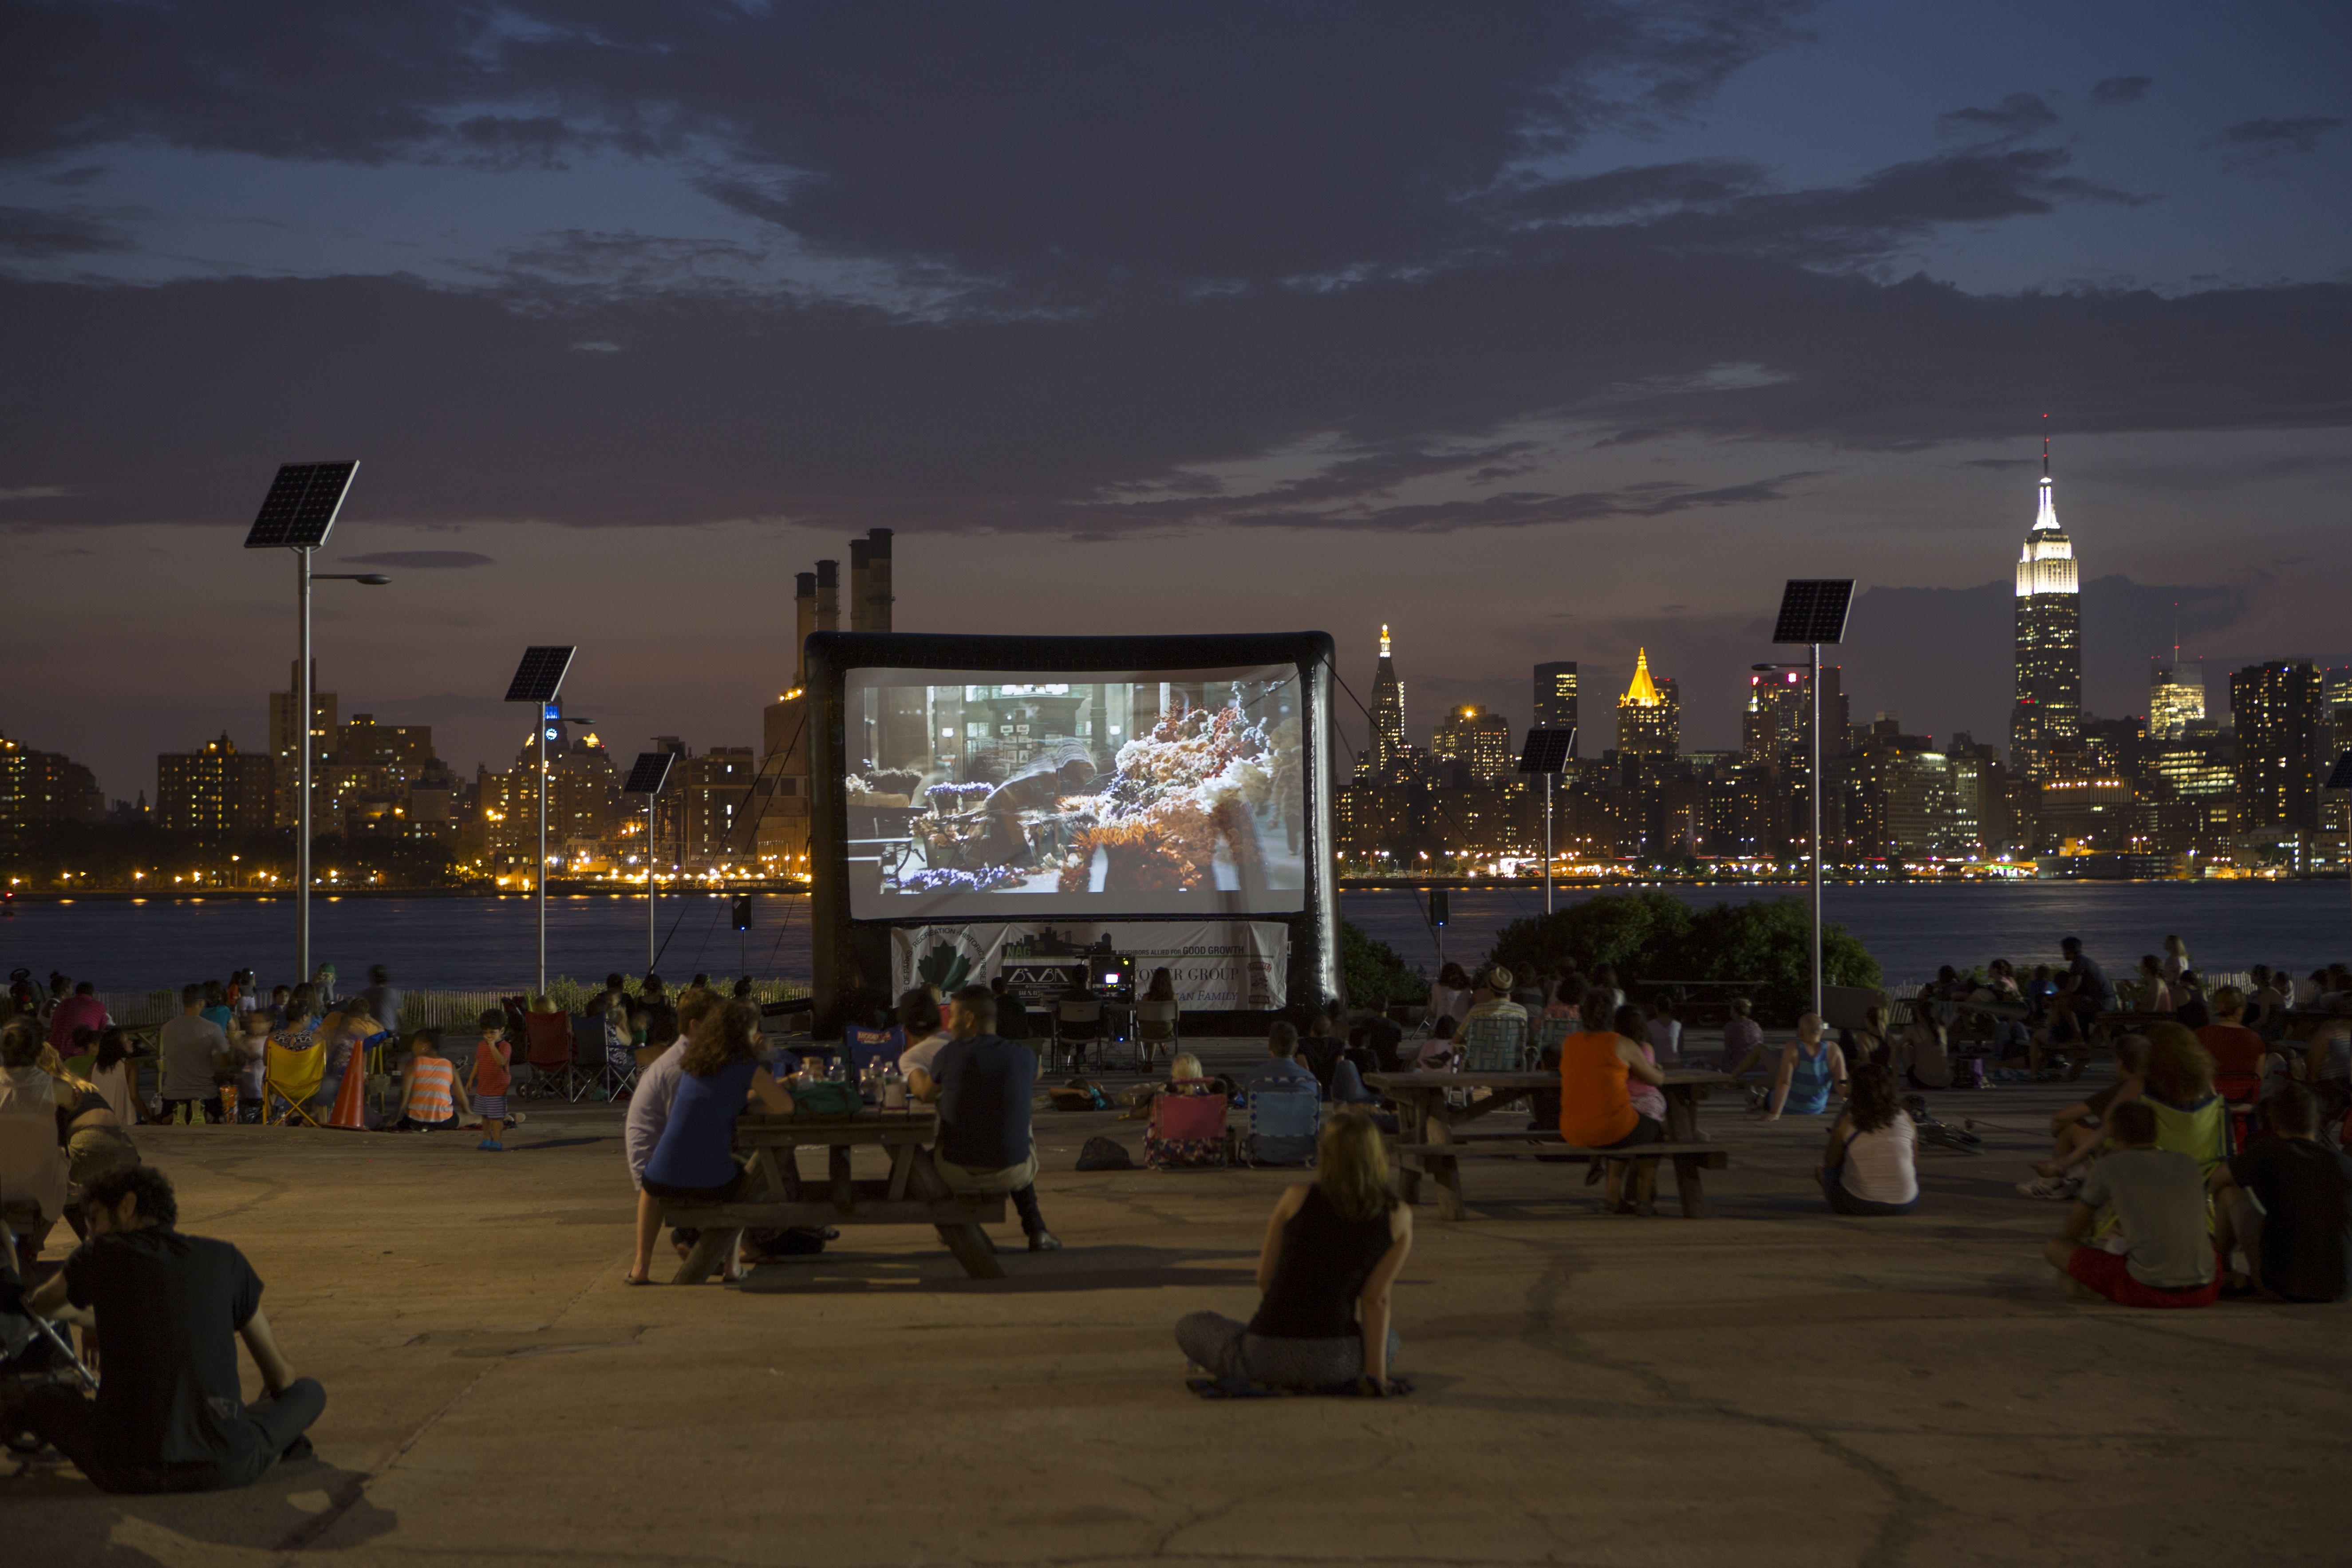 Noche de películas en el East River State Park